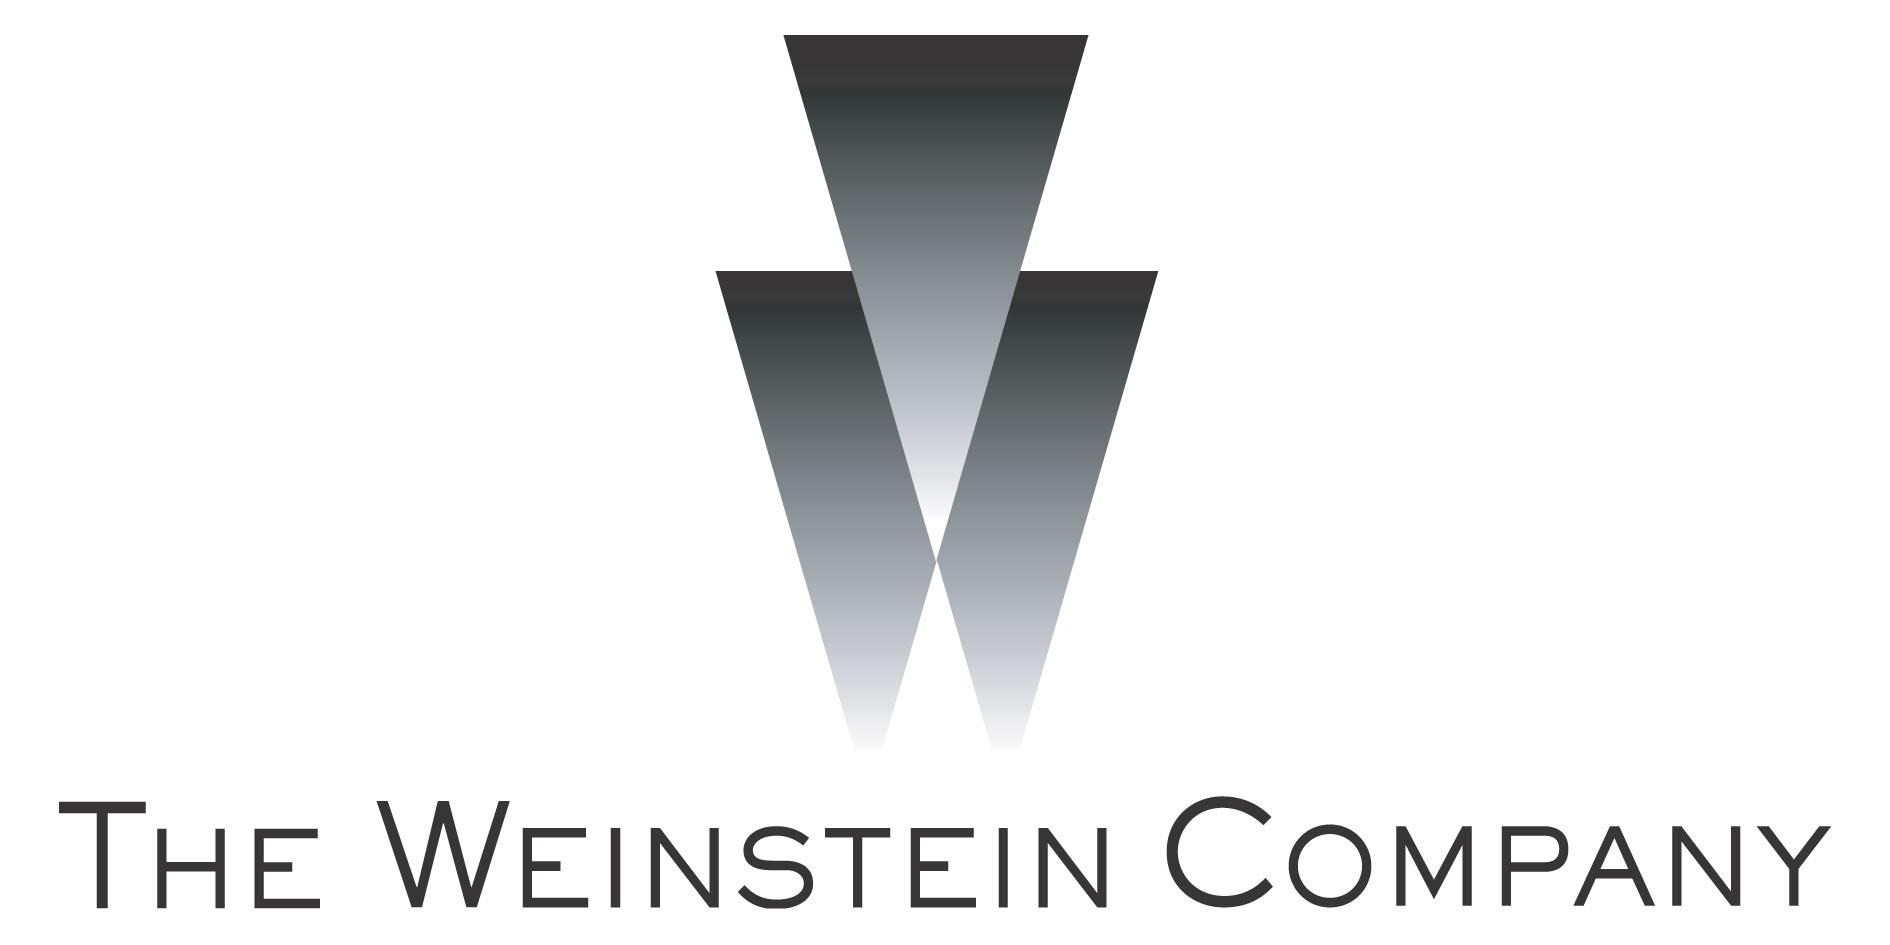 WeinsteinLogo.jpg